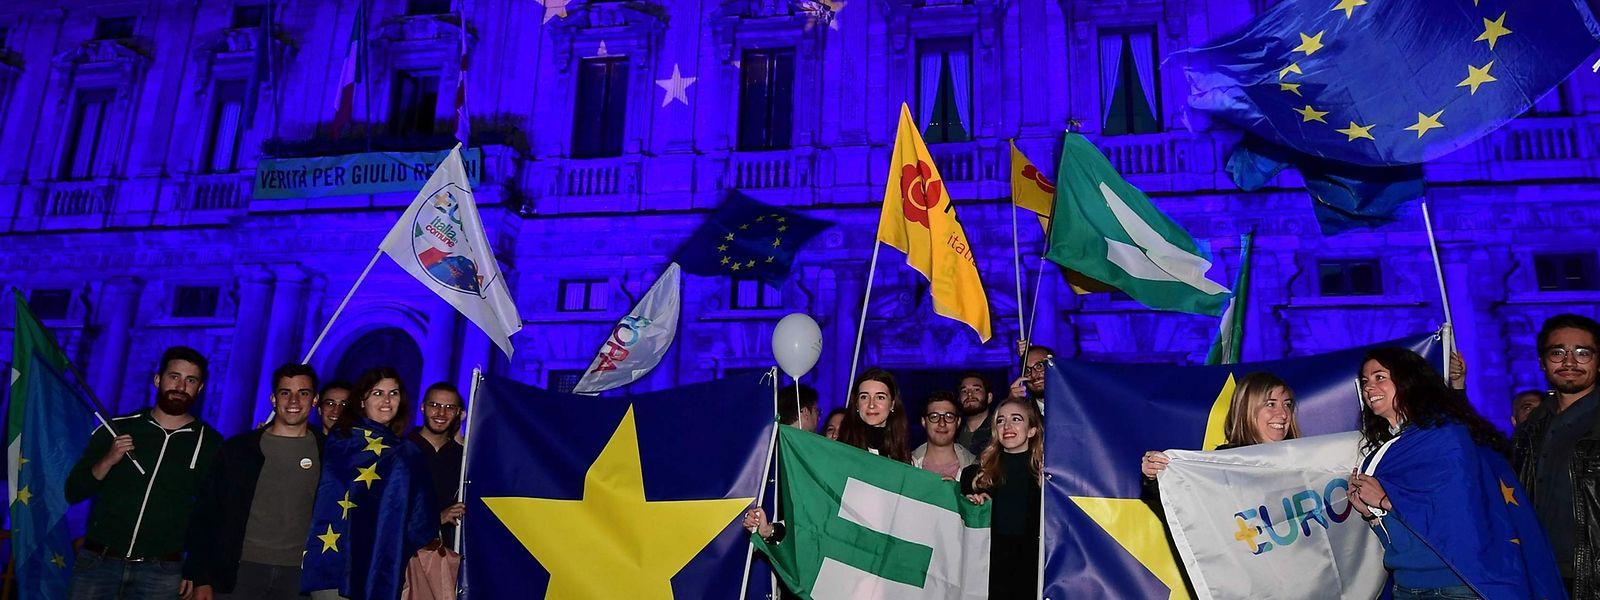 Überzeugte Europäer gibt es immer noch. Auch in Italien, wie hier vor dem Palzzo Marino in Mailand.